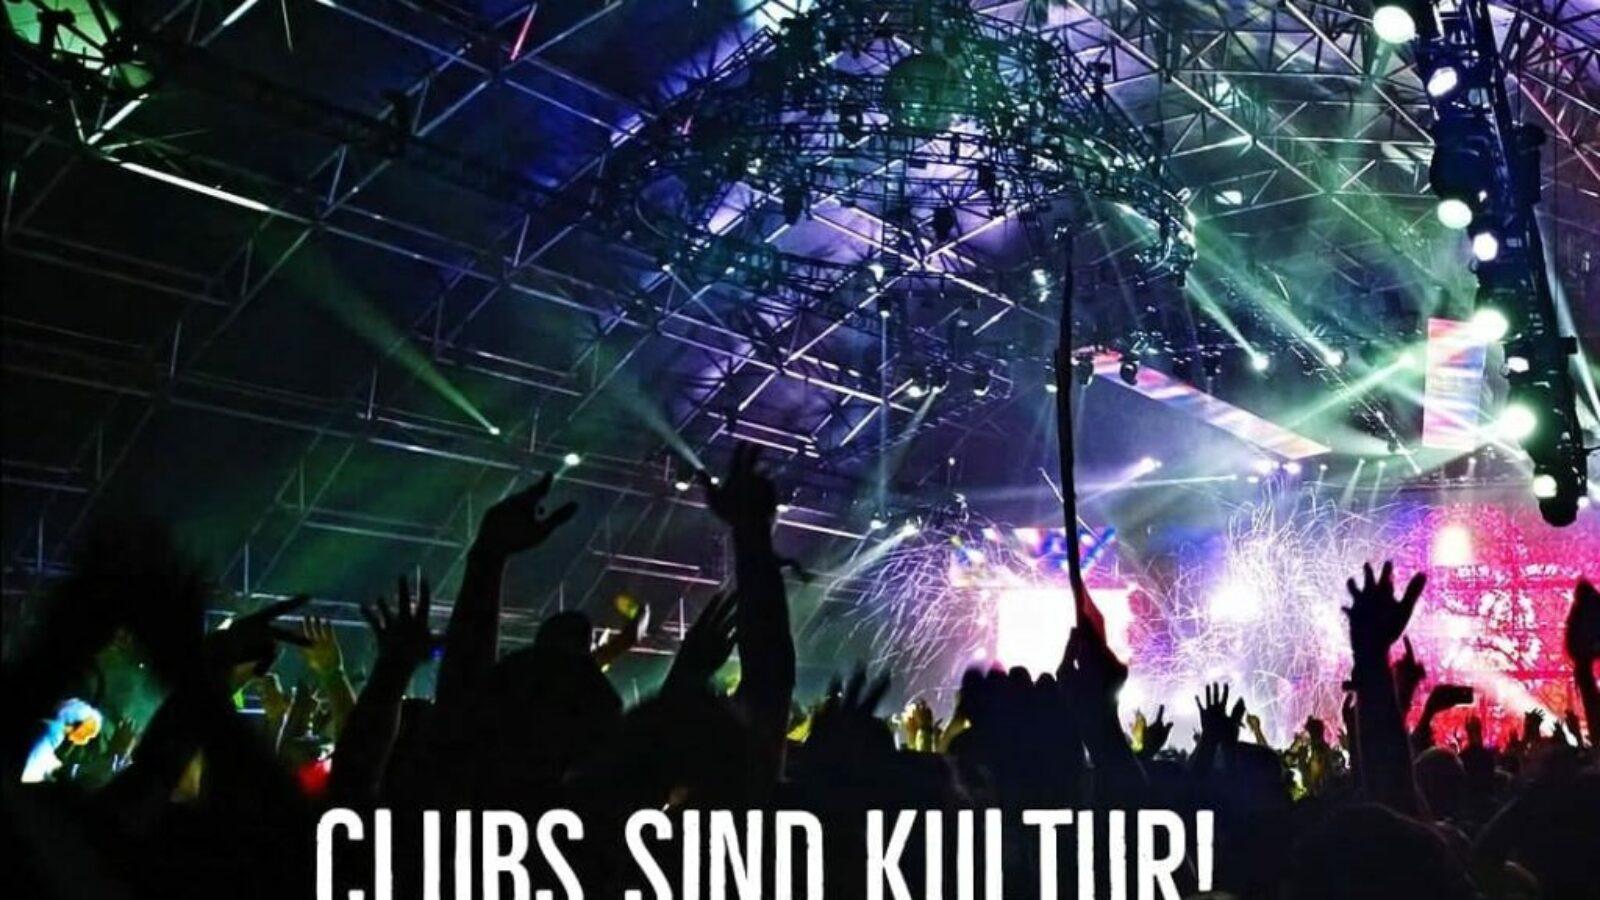 Clubs sind Kultur – Jetzt auch laut Bundestag